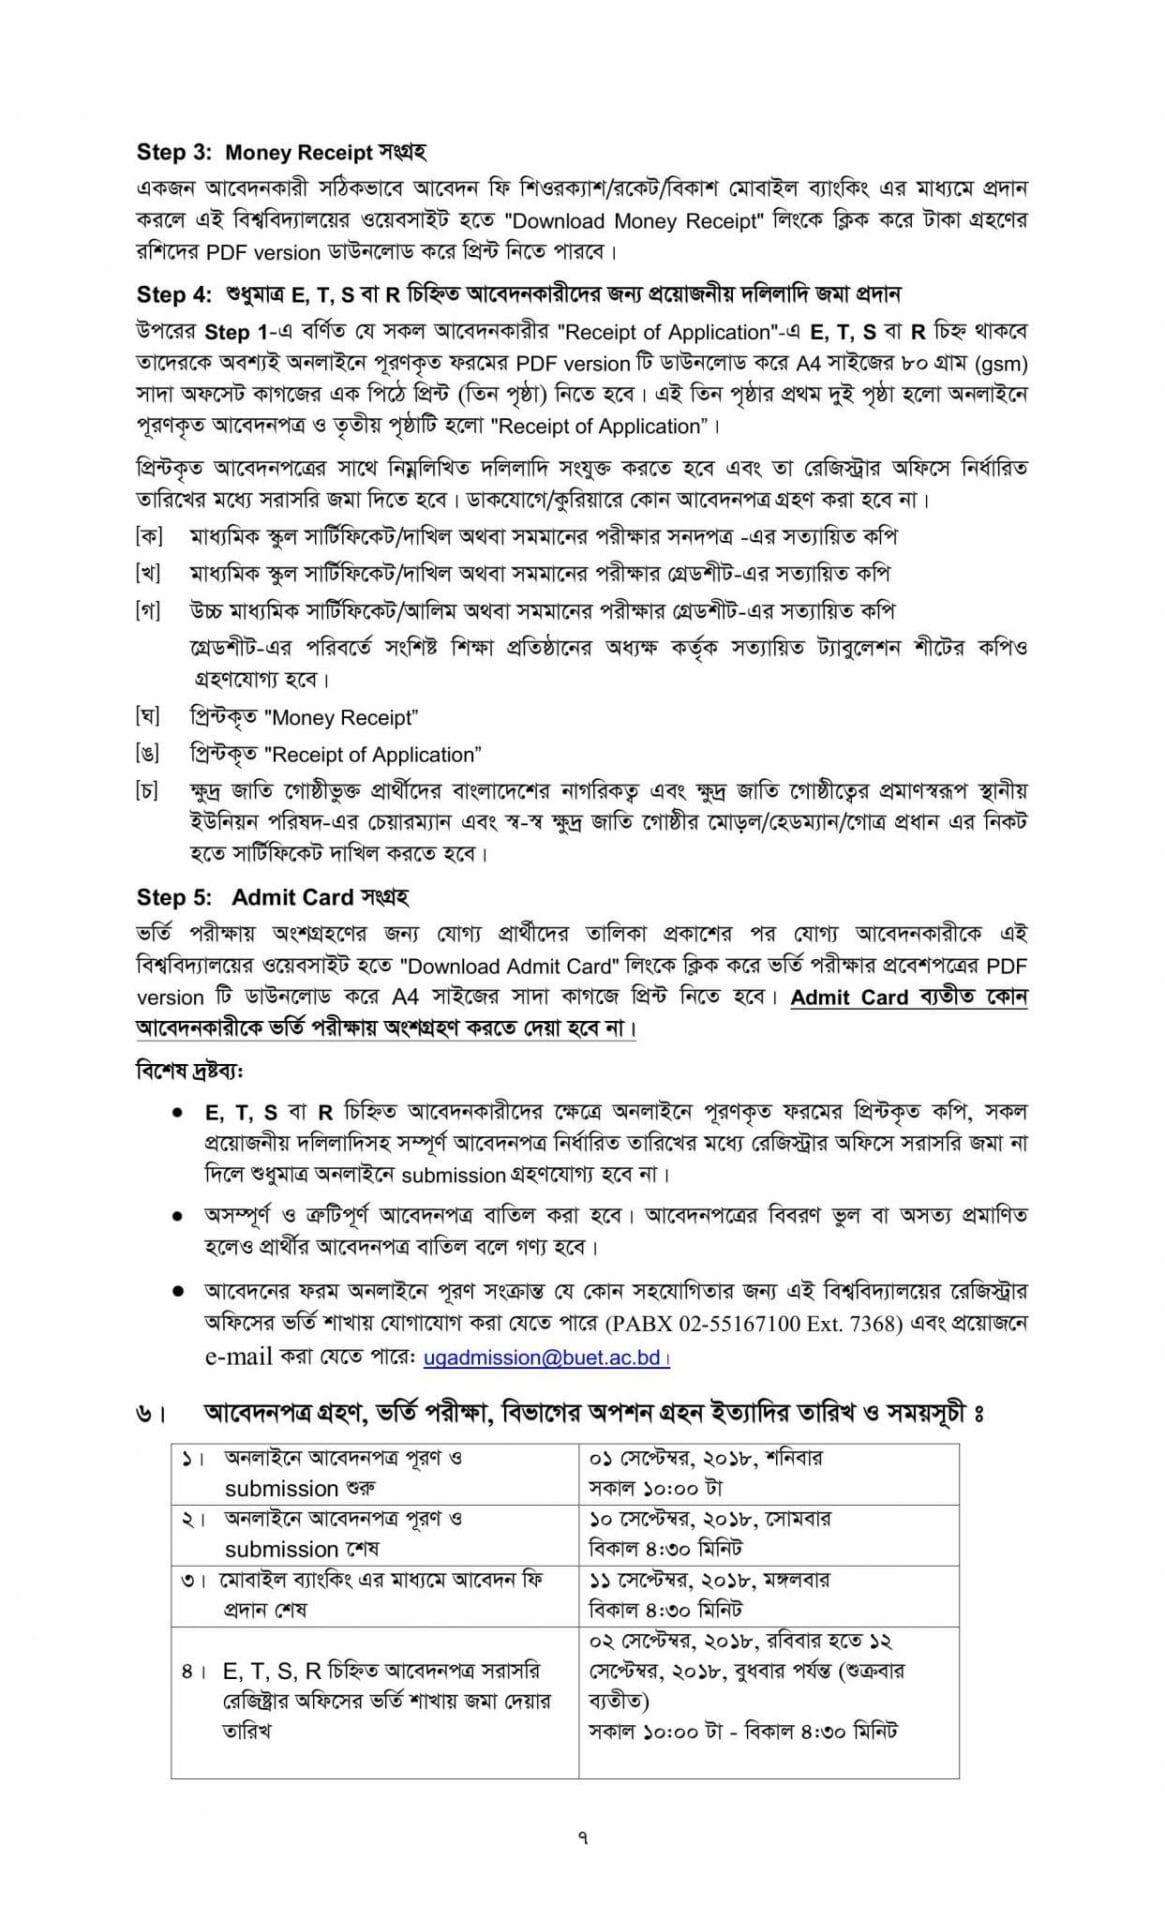 Bangladesh University of Engineering & Technology Admission Guideline-6